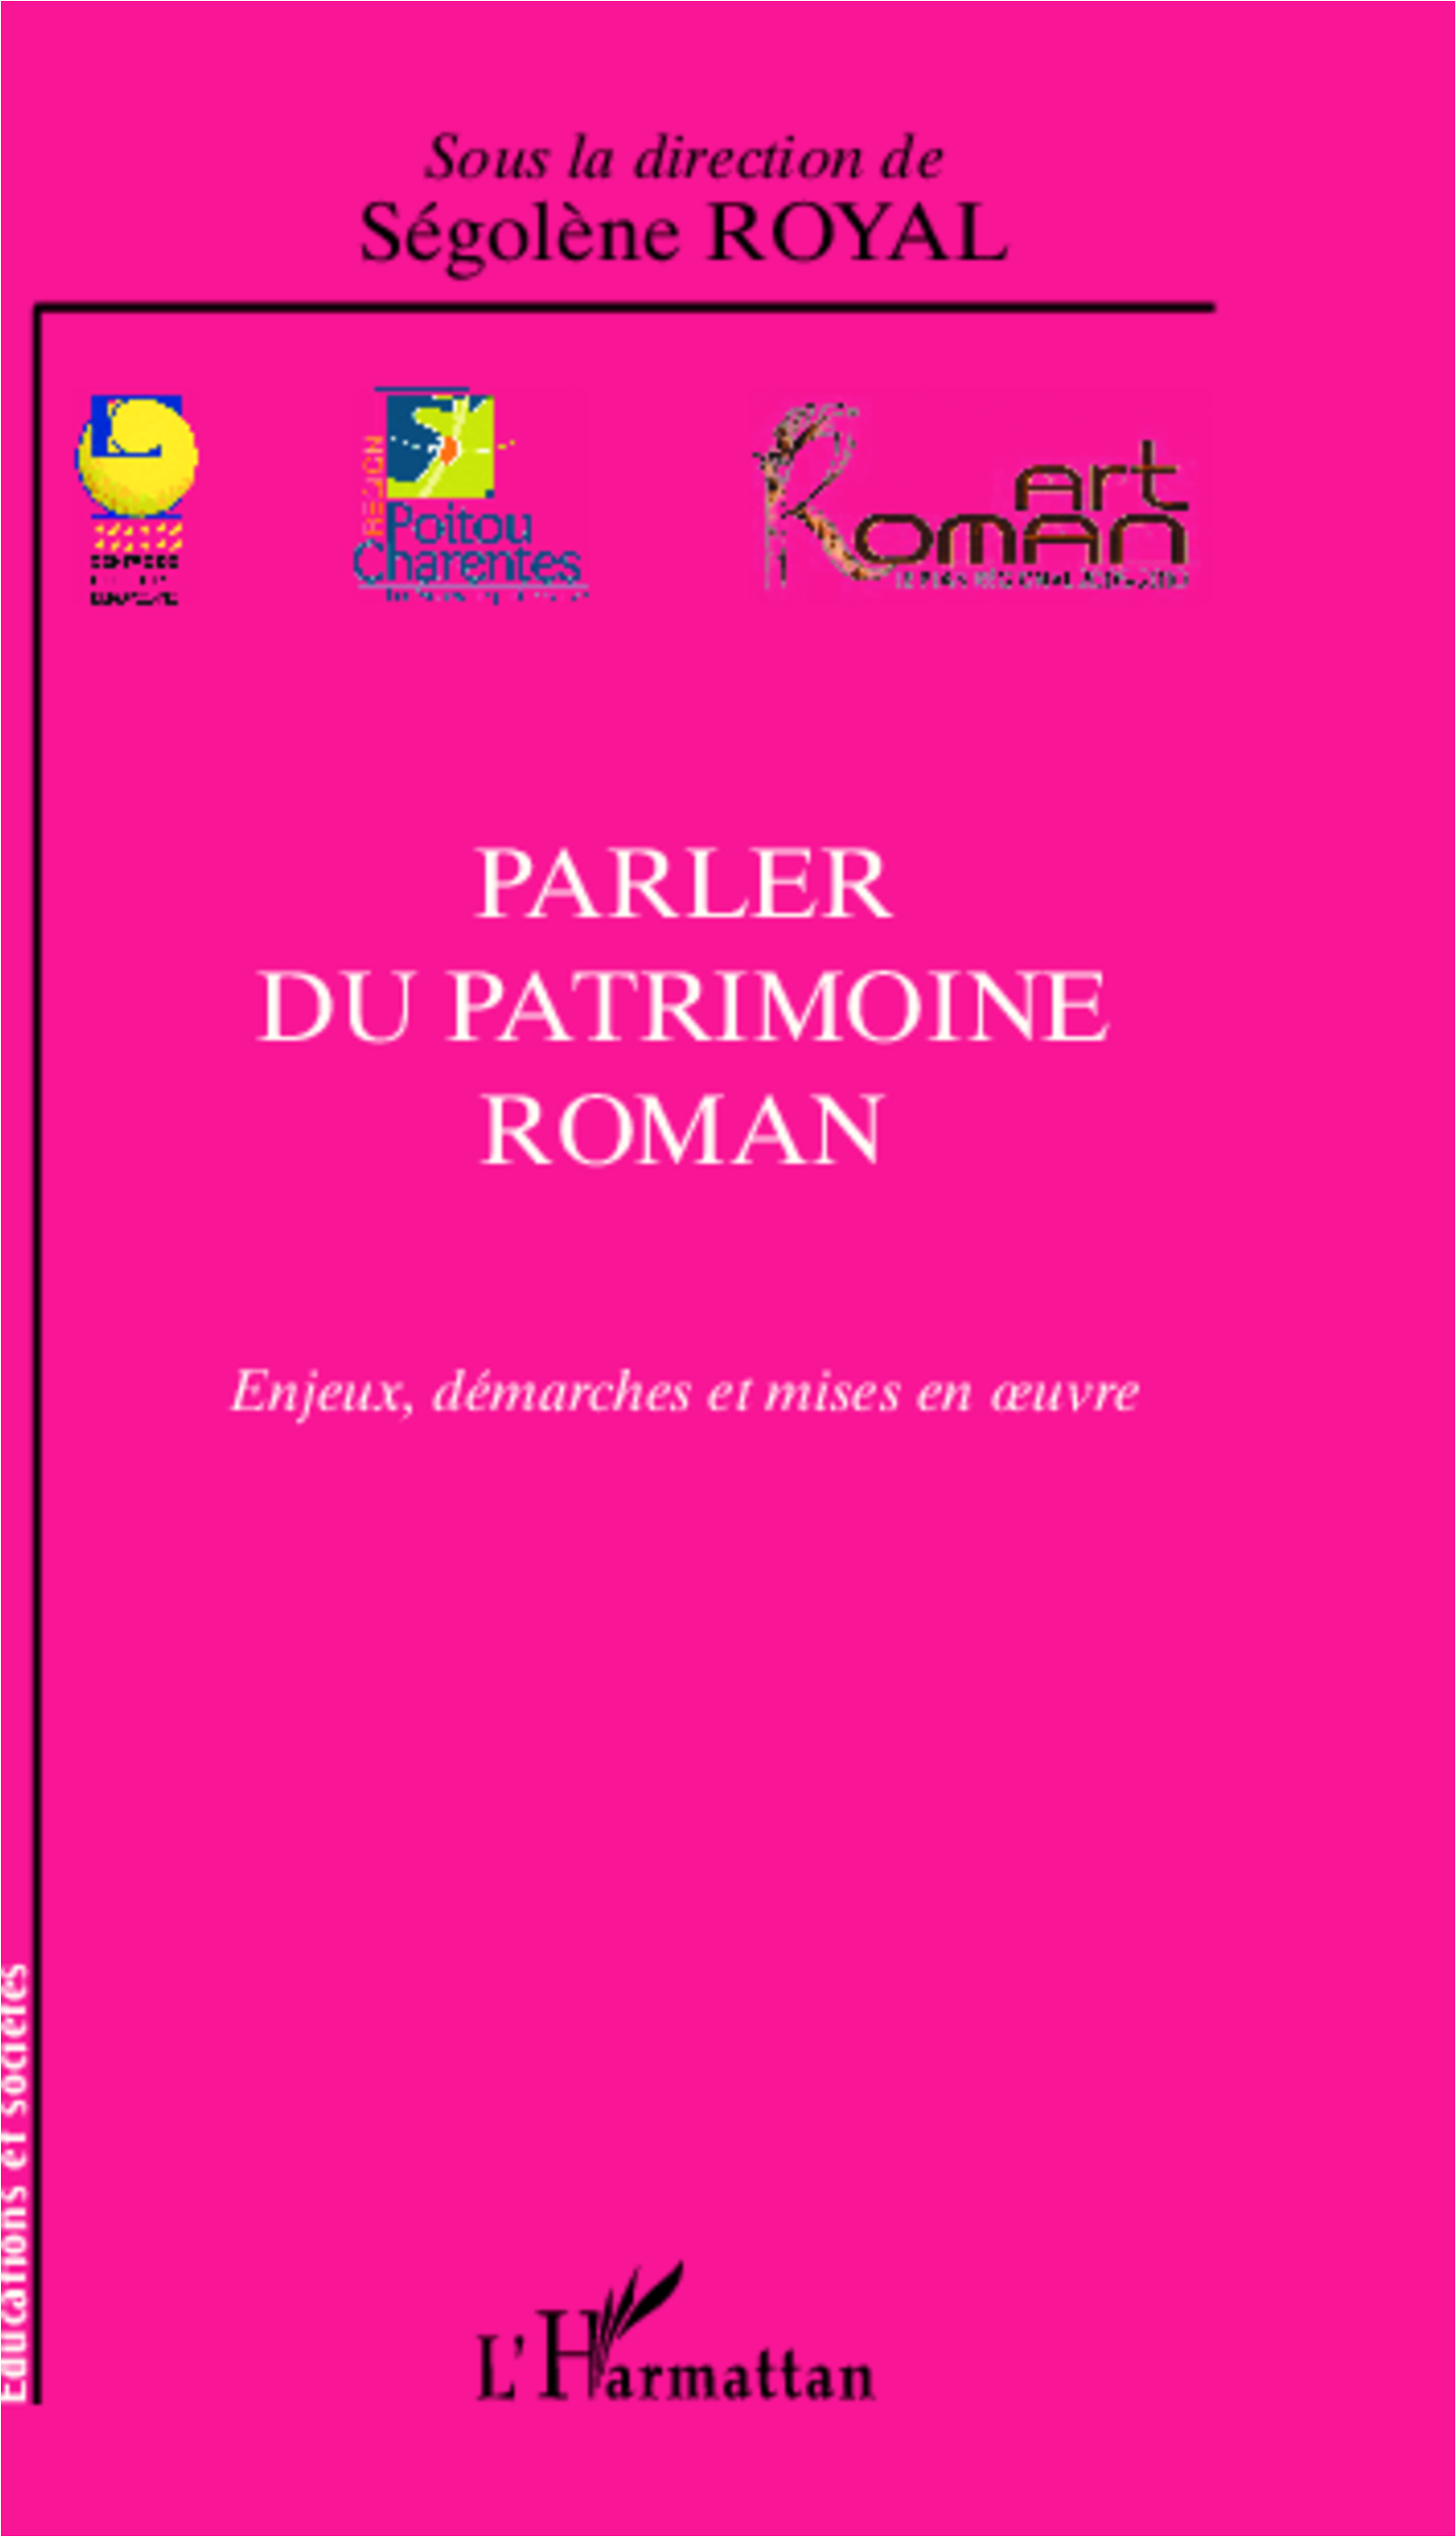 Parler du patrimoine roman